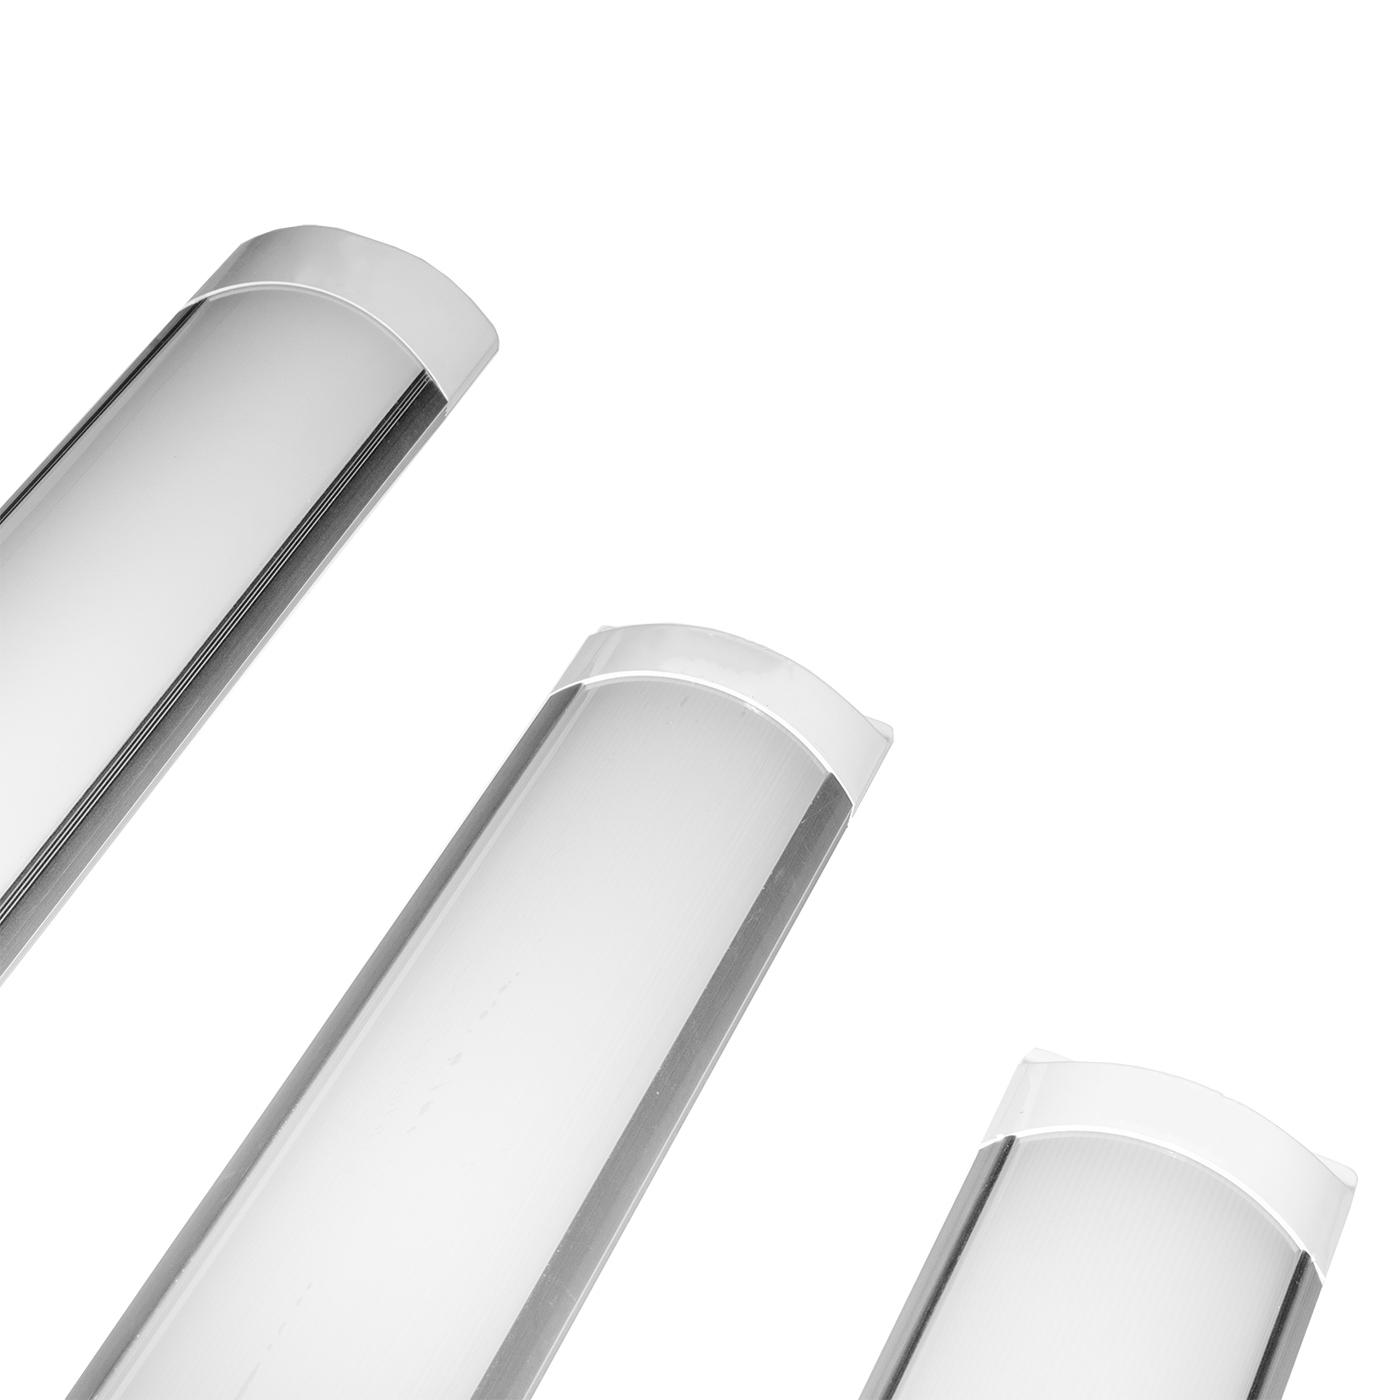 Plafoniera Led Slim.Details About Plafoniera Led Lampada Slim Luce Naturale 4000k Smd Soffitto Parete Reglette W